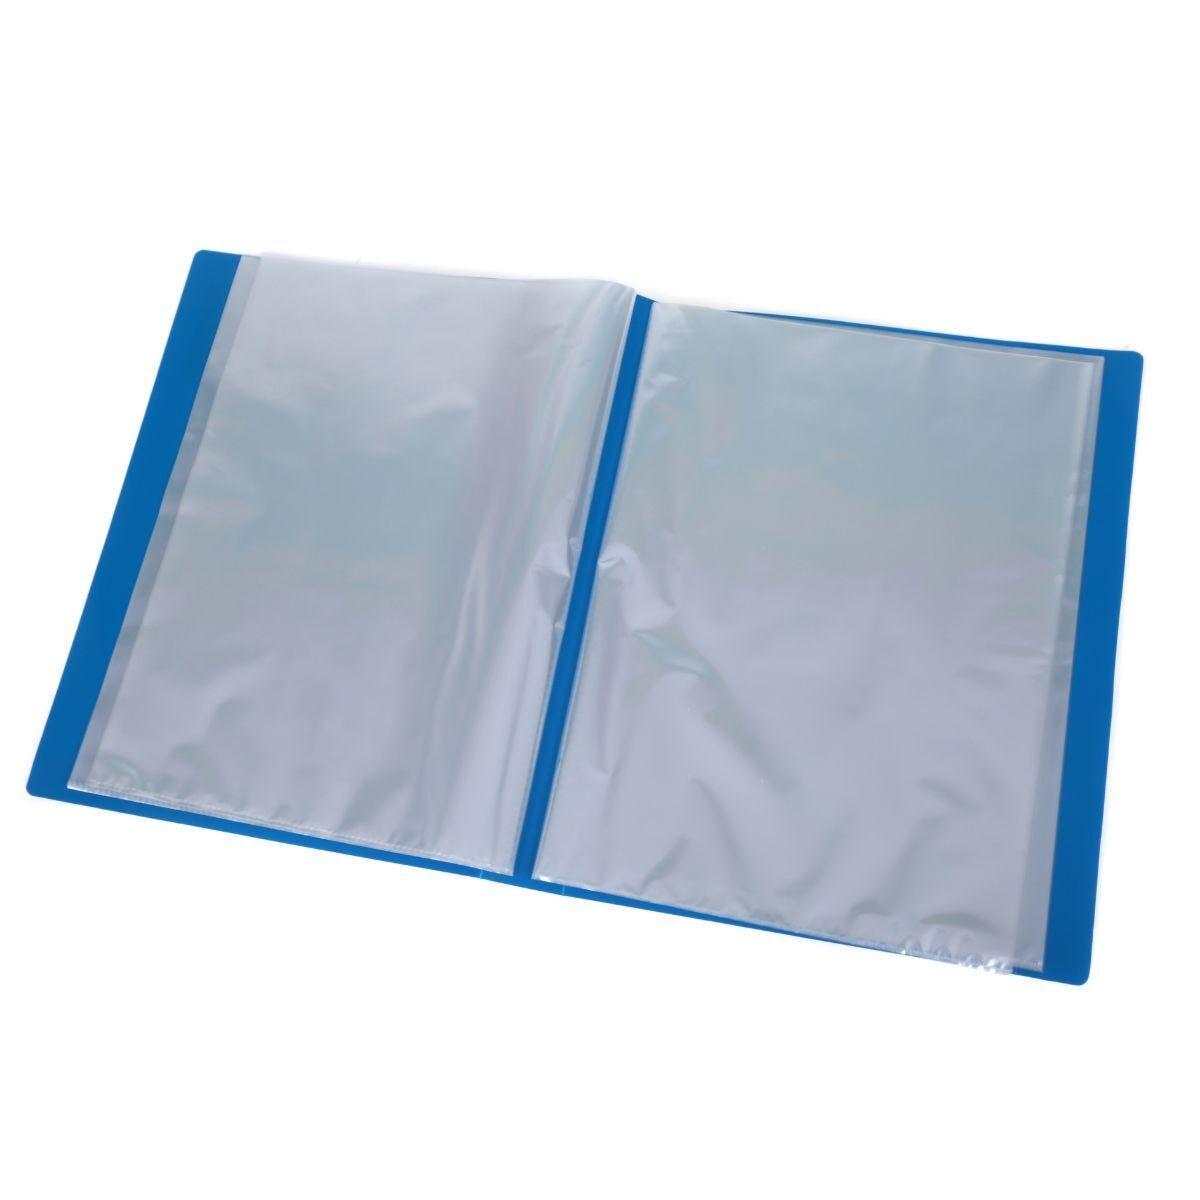 Ryman Display Book A4 40 Pocket Blue